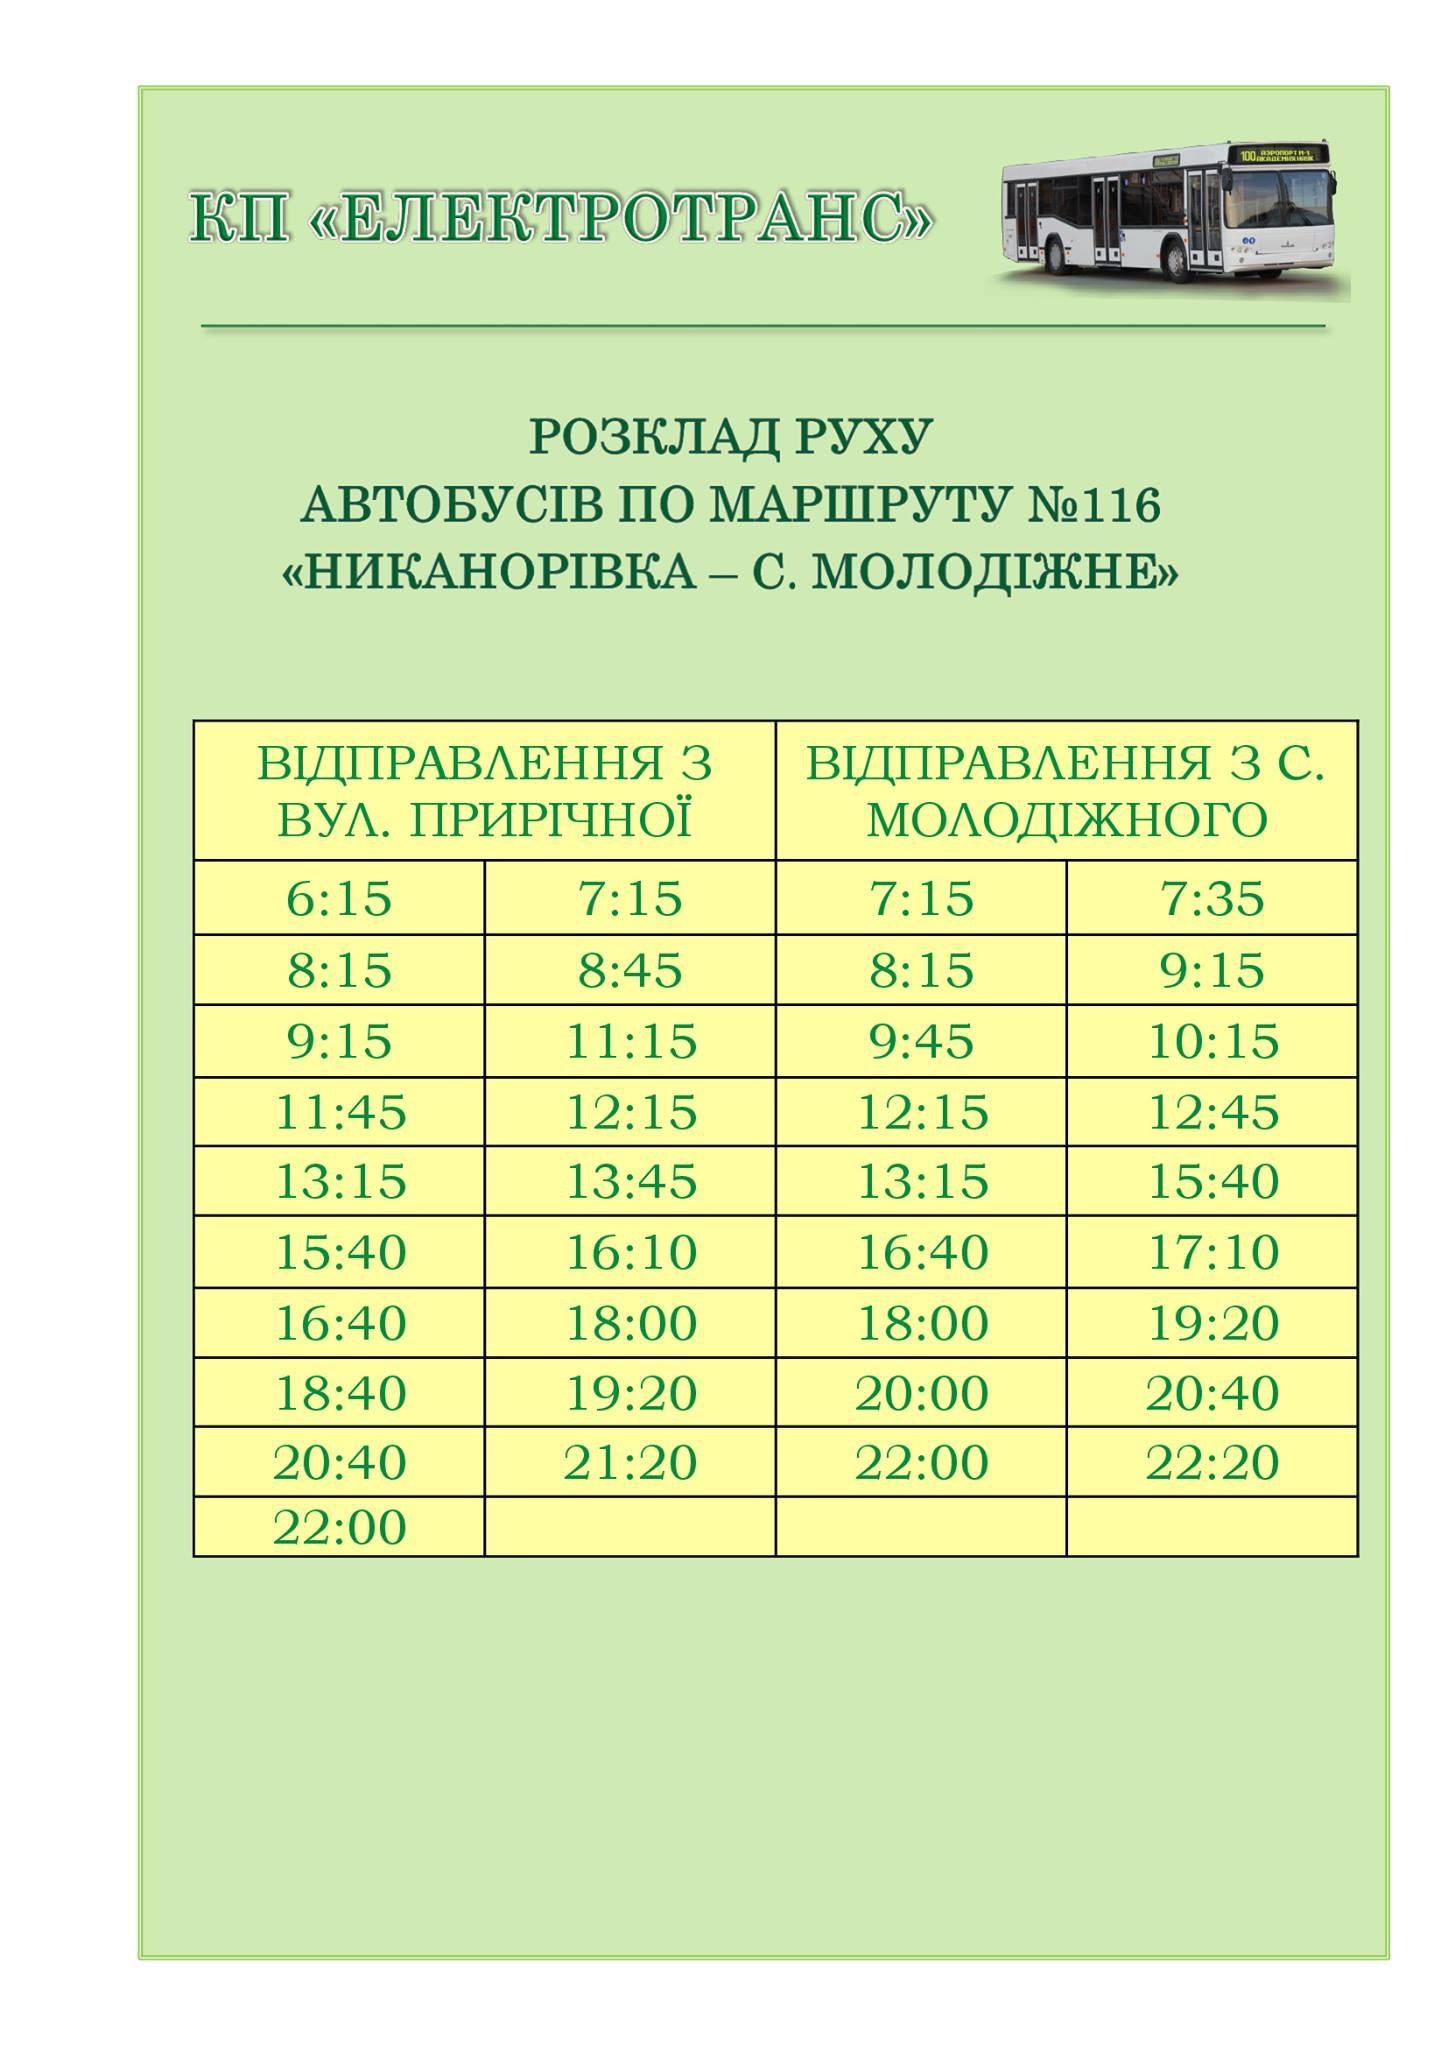 Без Купюр У Кропивницькому змінився графік руху автобуса на маршруті 116 Життя Транспорт  новий графк маршрут 116 Кропивницький